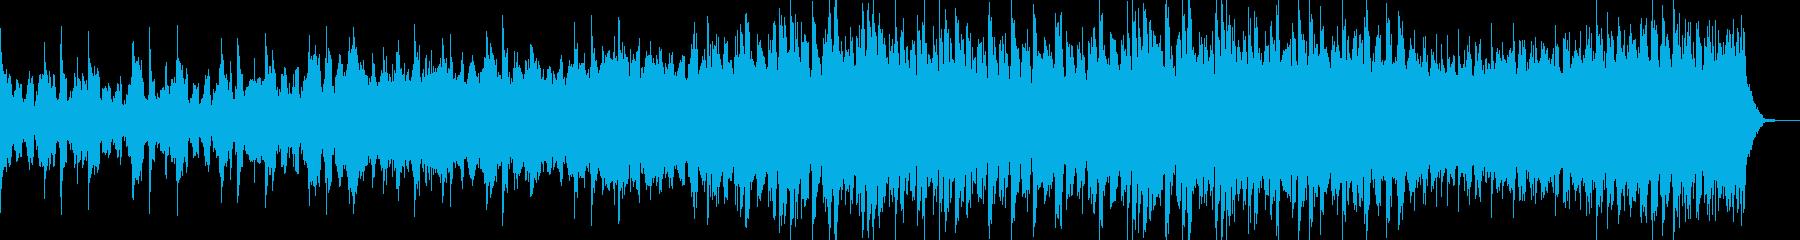 感動的エキサイティングEDMエンディングの再生済みの波形